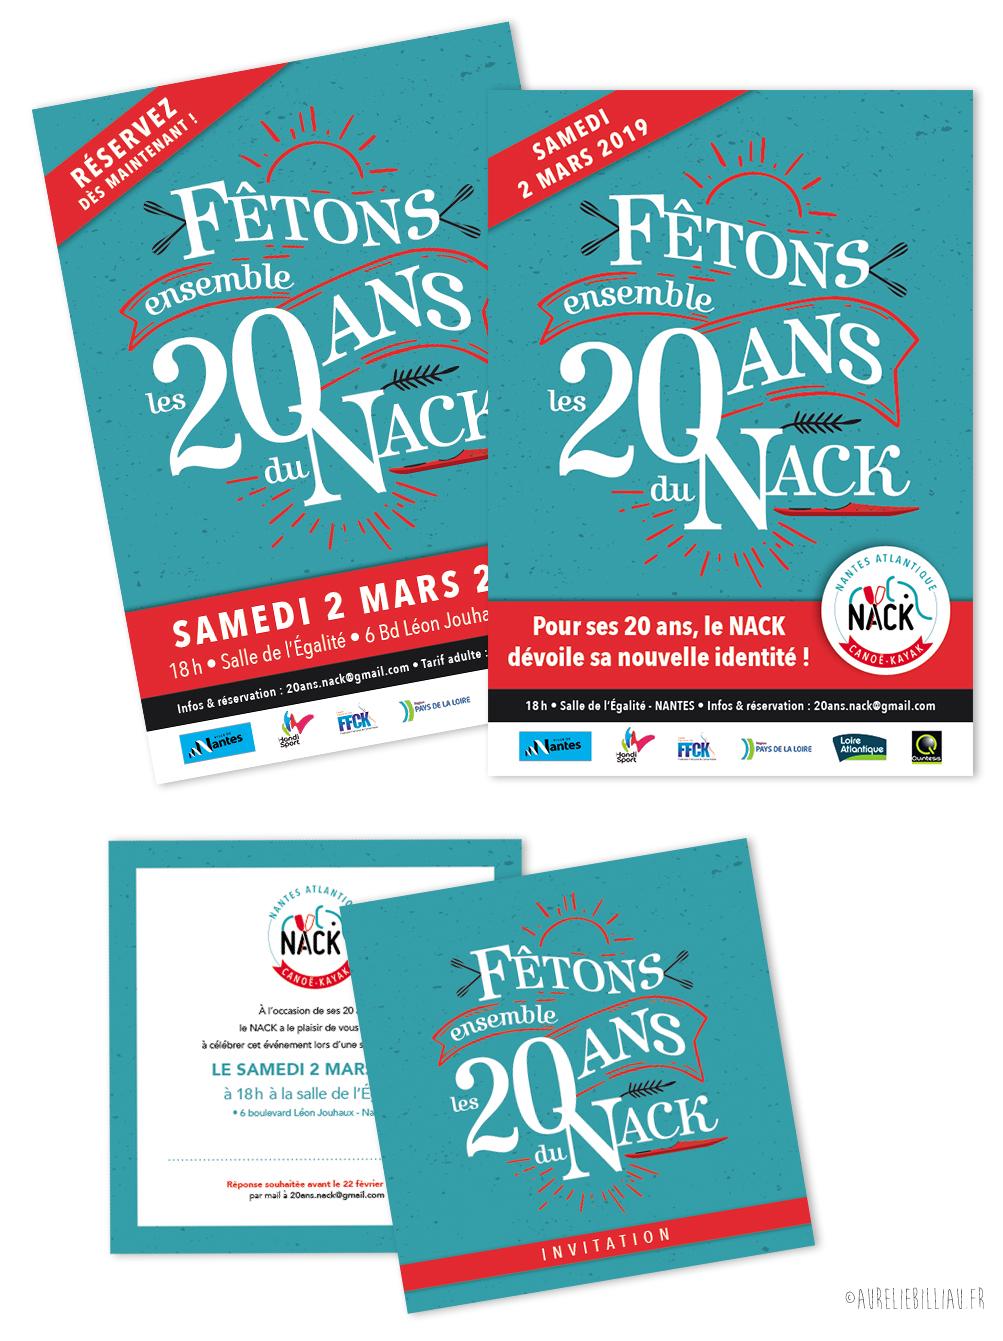 Affiches & invitation 20 ans du NACK